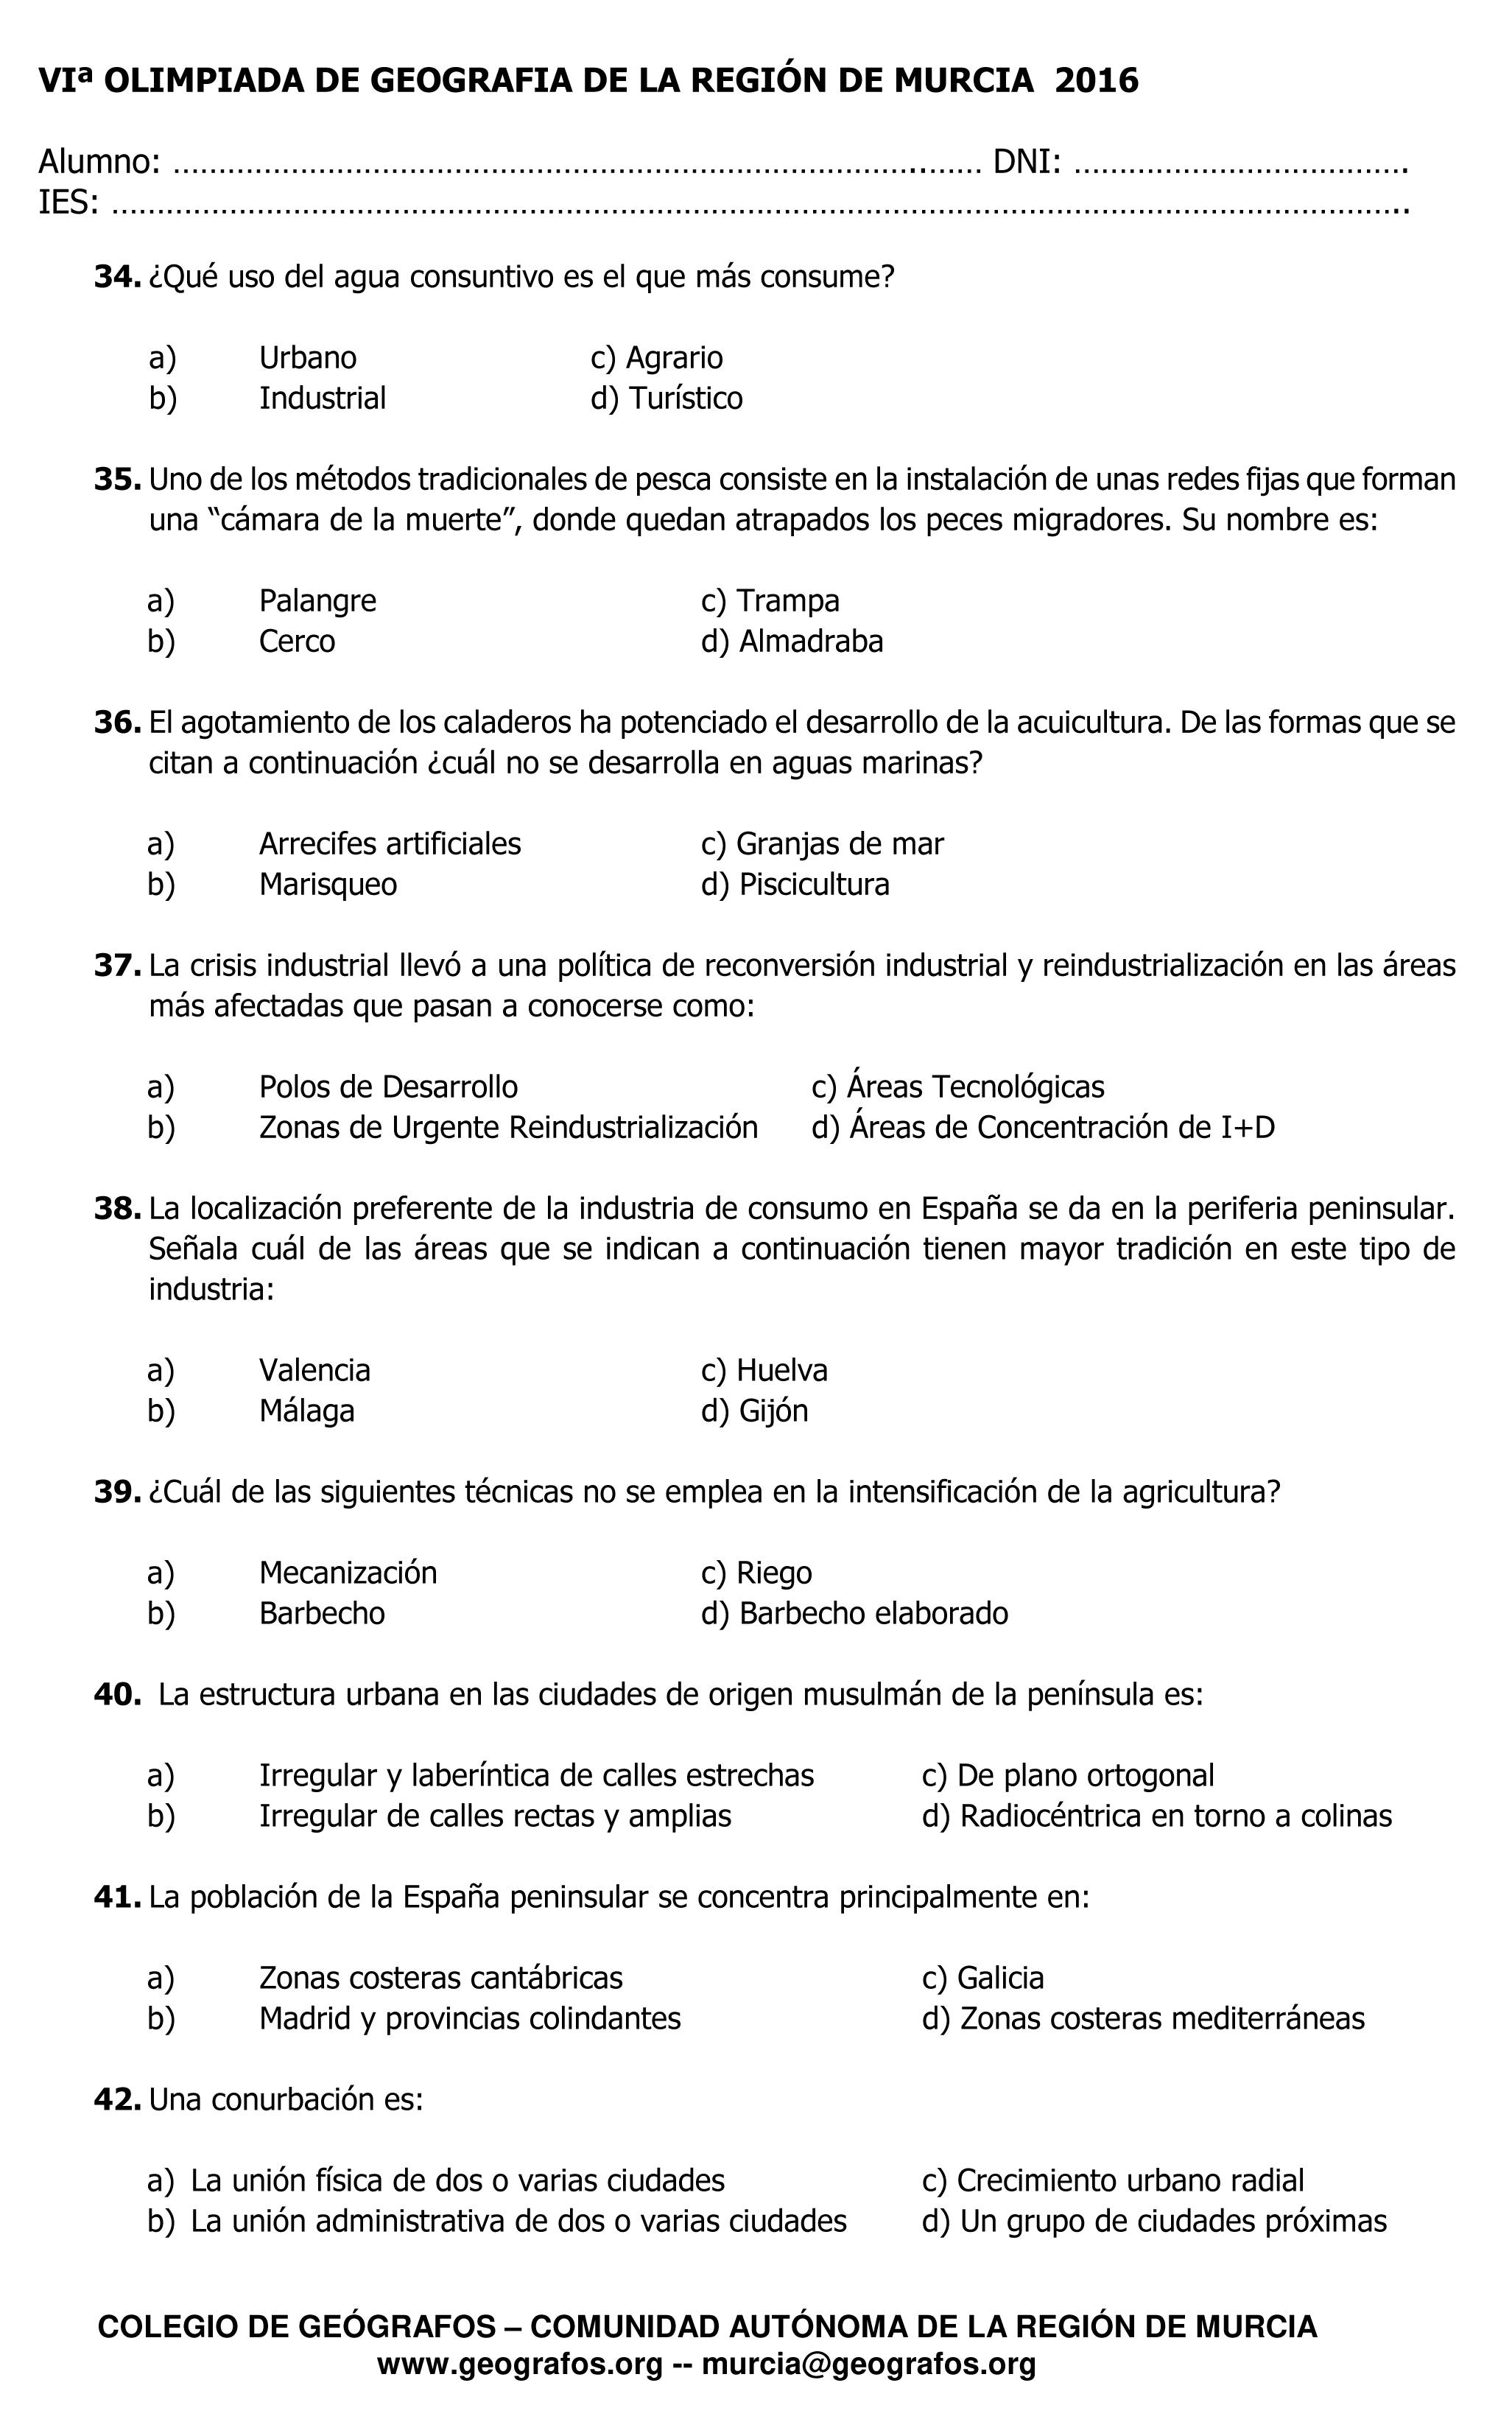 Cuestiones de la VI Olimpiada de Geografía Región de Murcia 2016 - 5